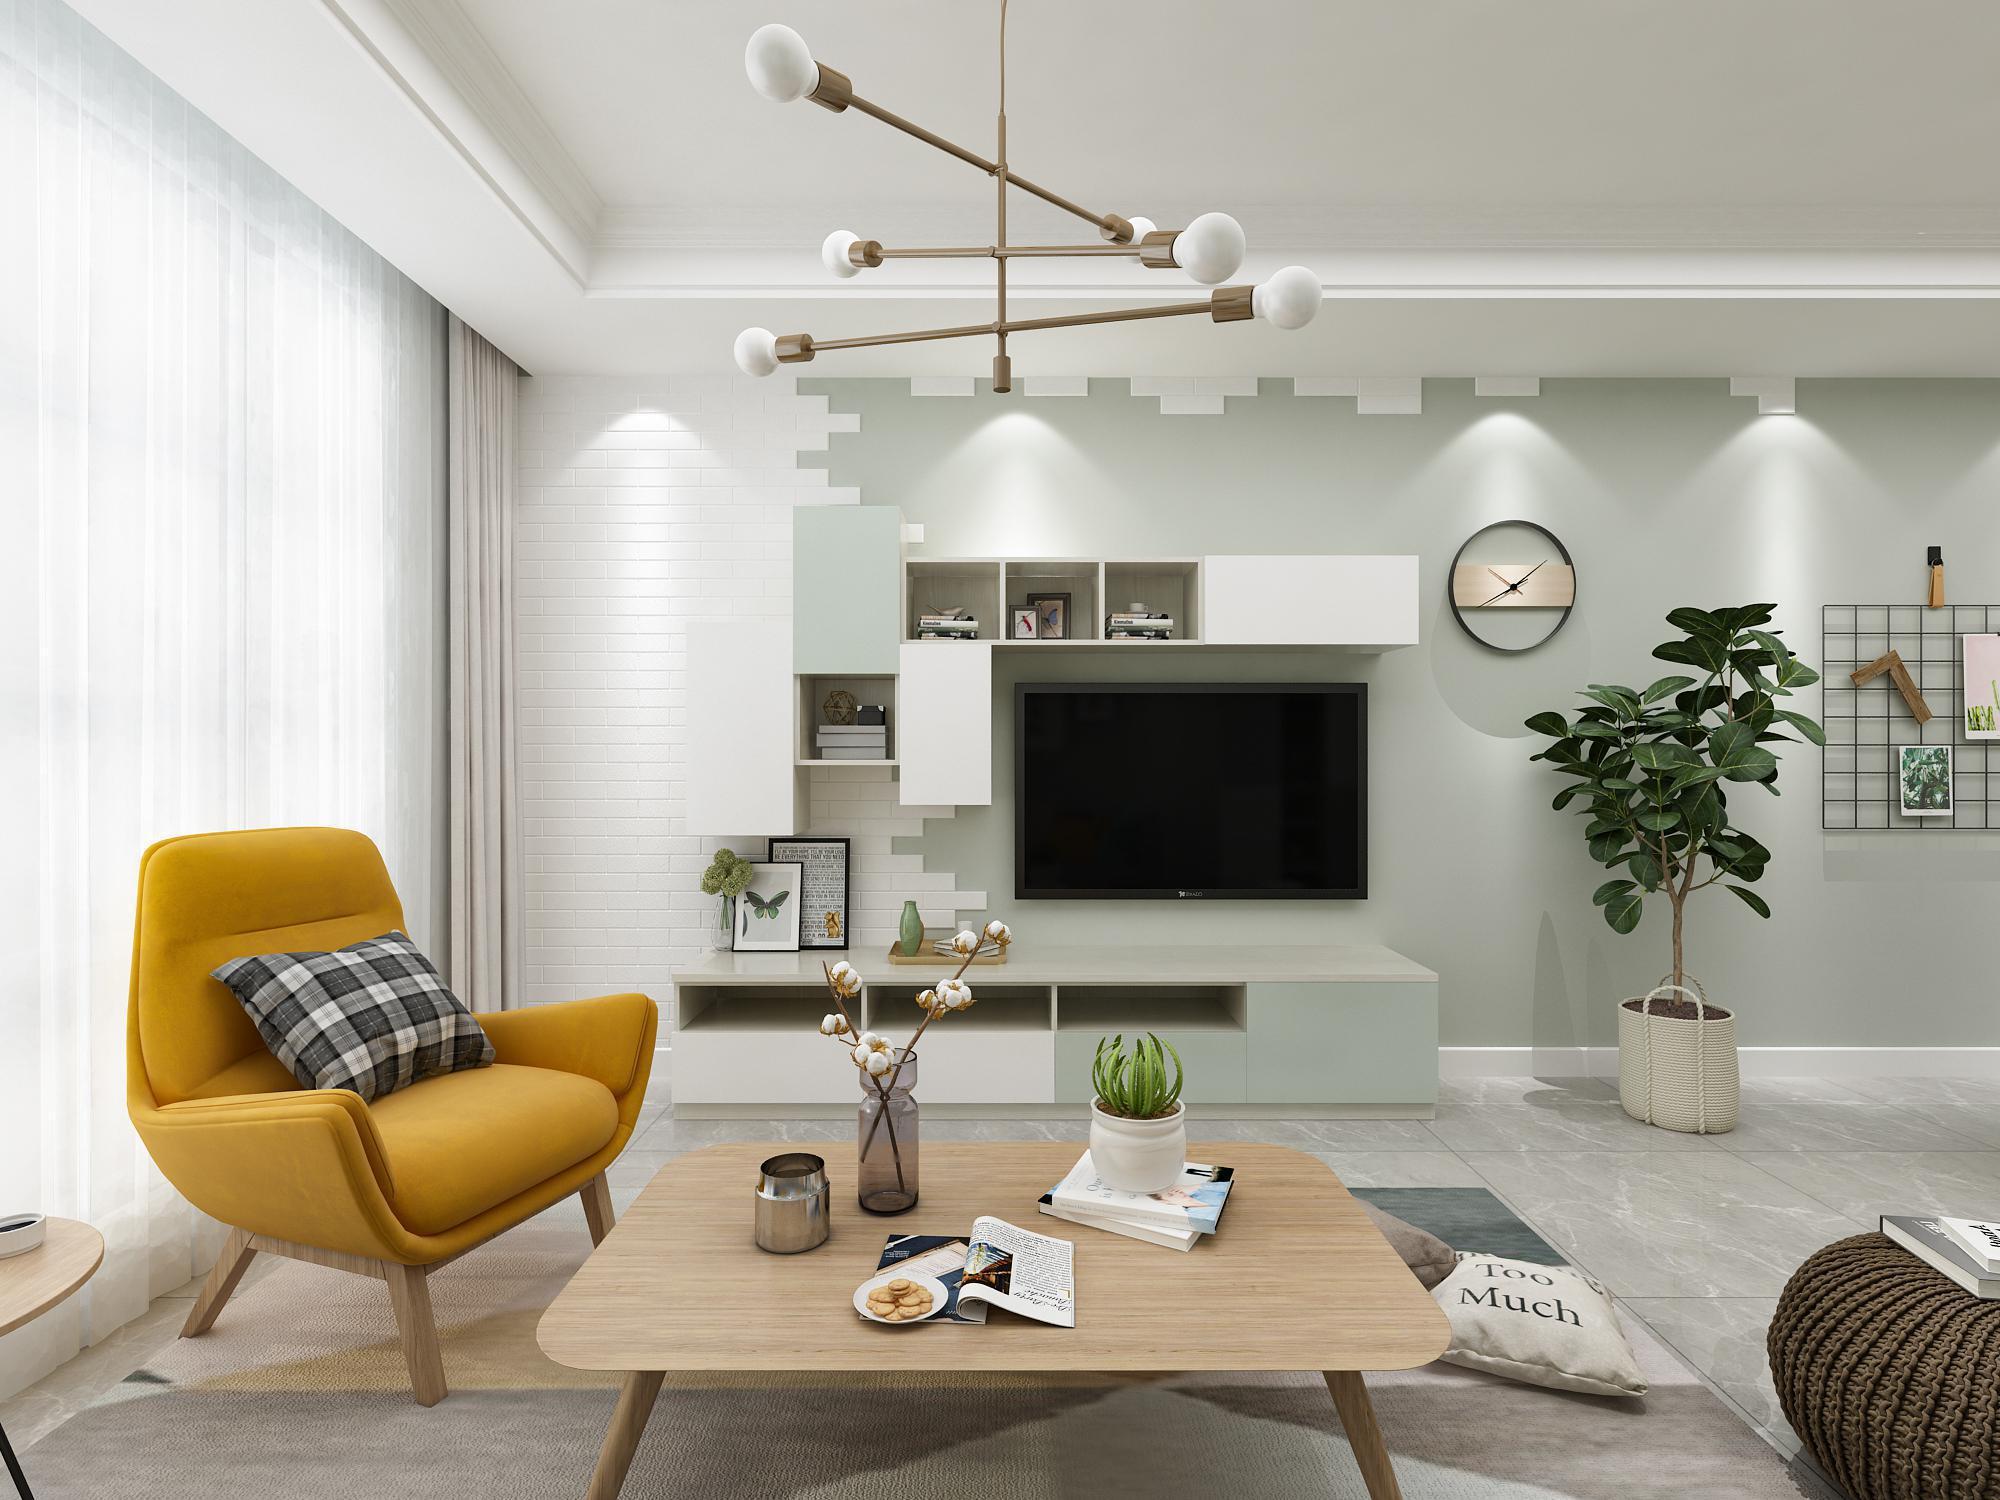 现代北欧系列_客厅_家居产品装修效果图_美尼美定制产品中心